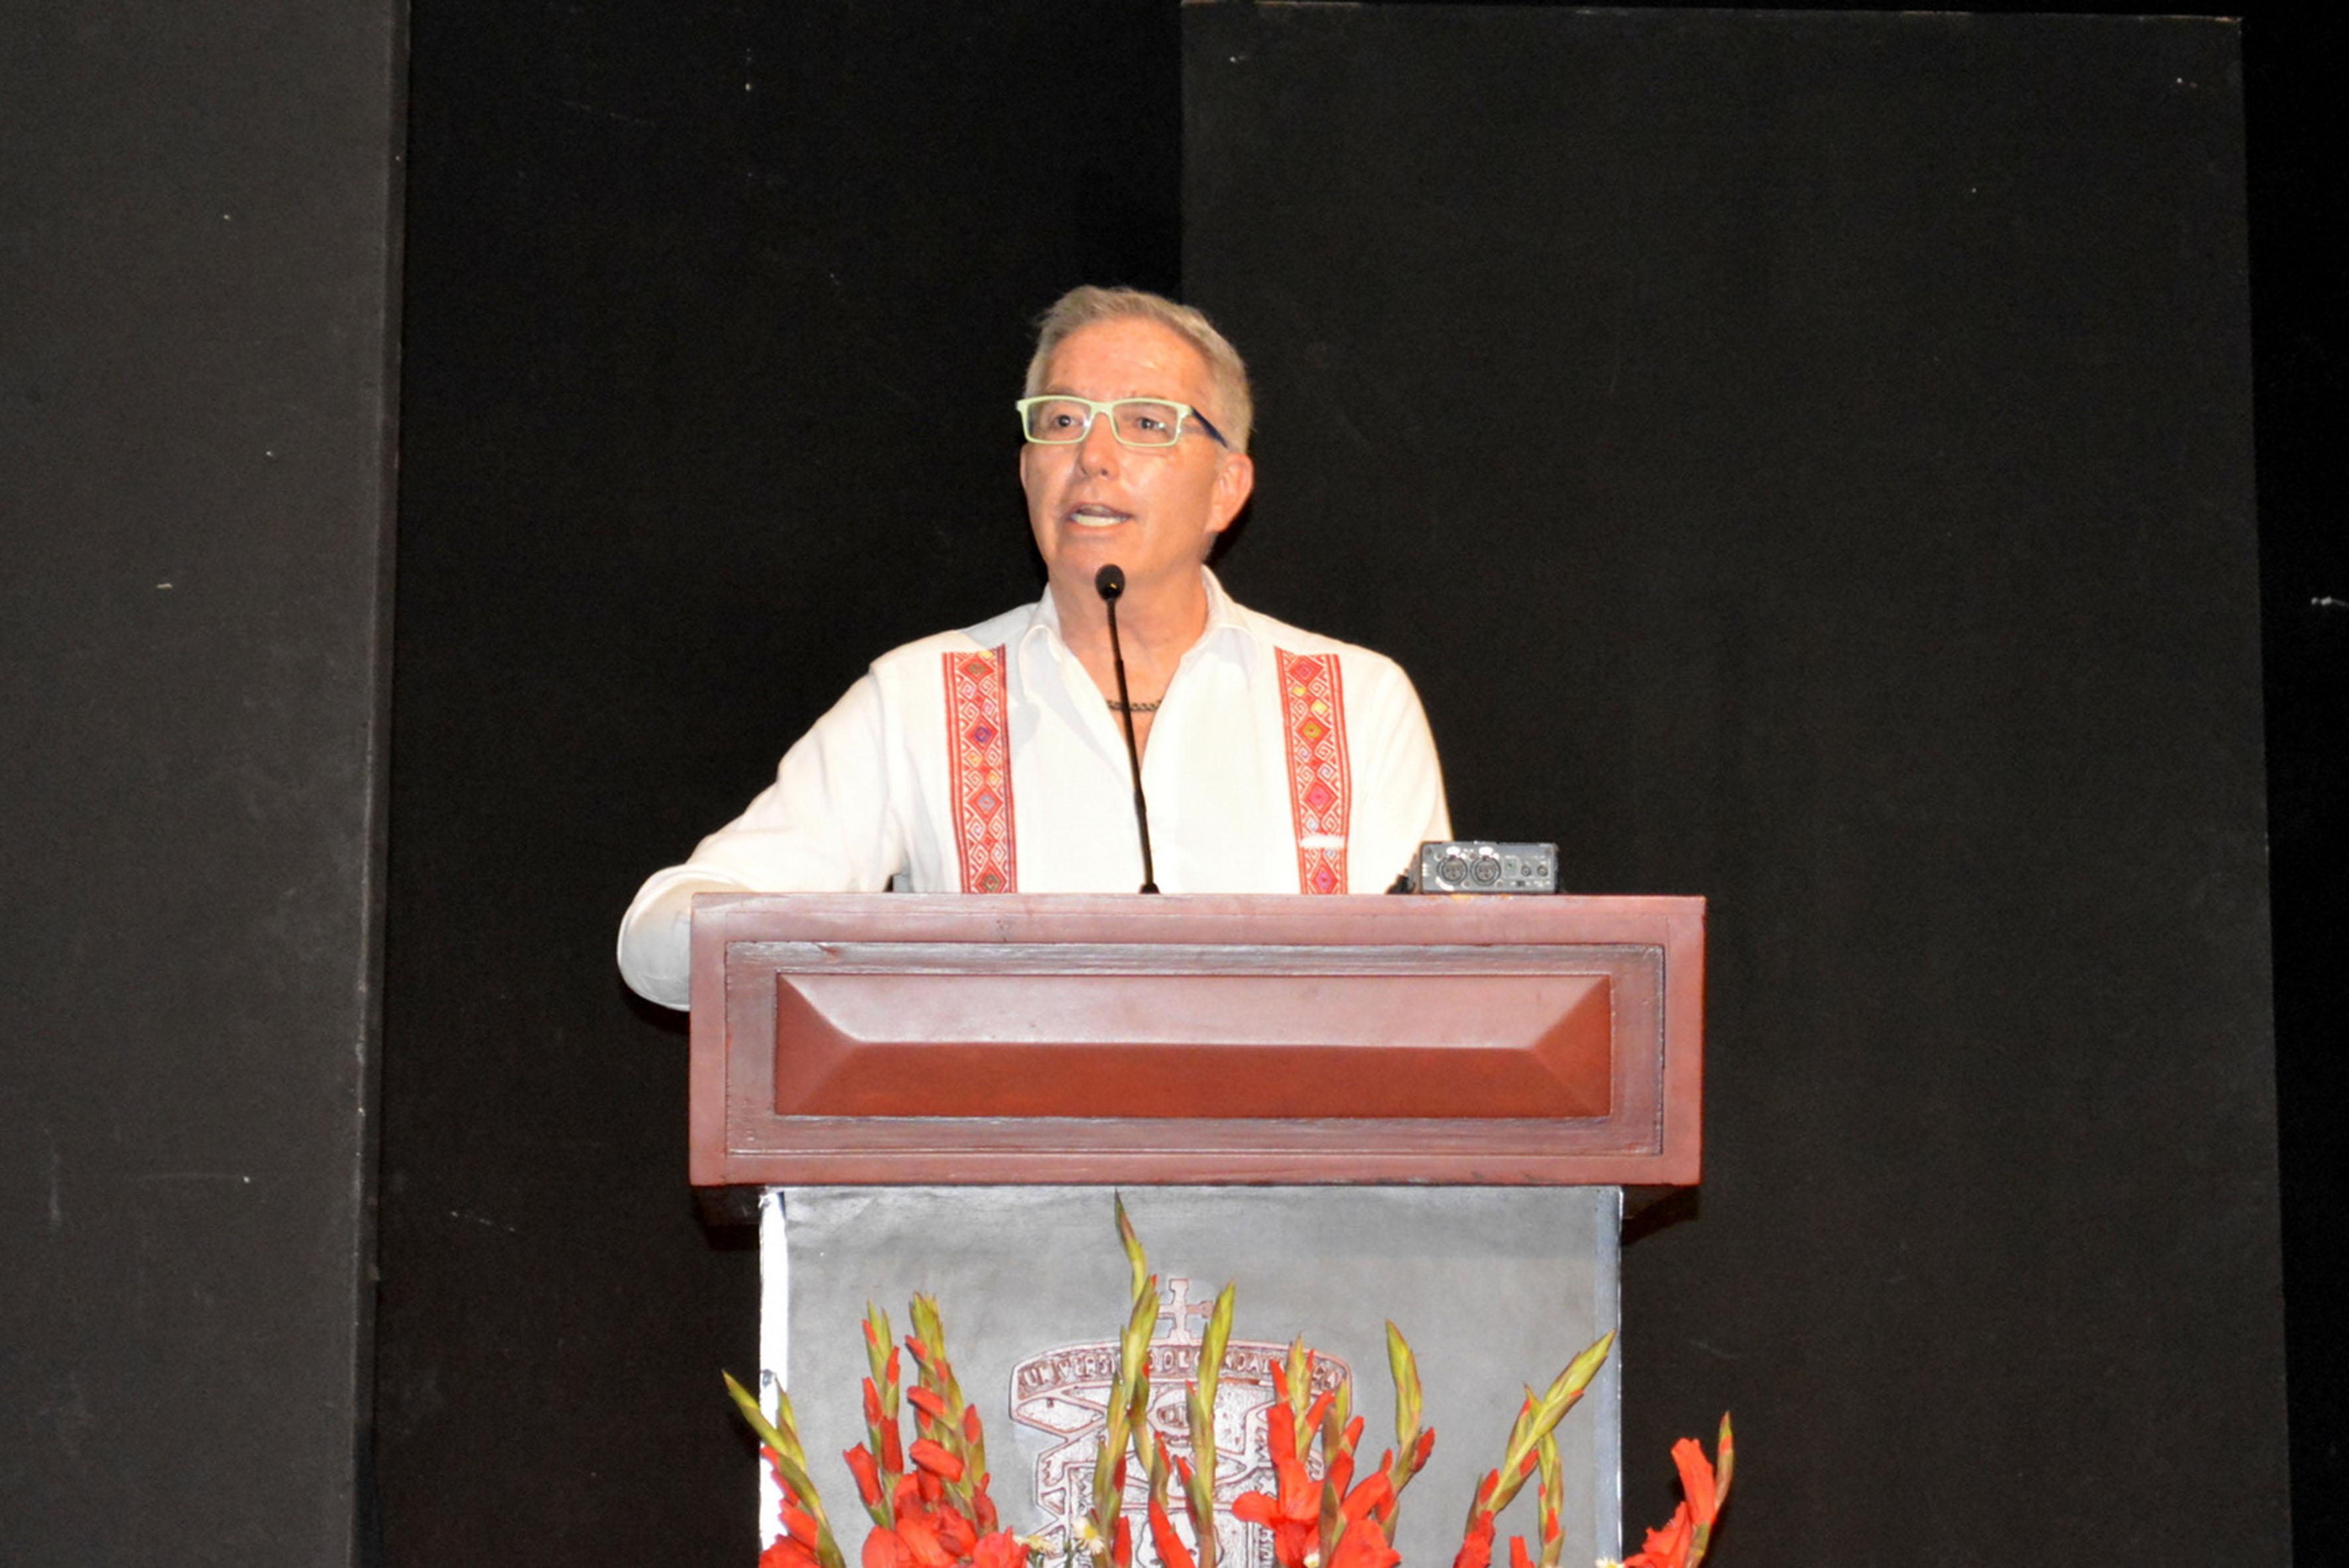 Maestro Rafael Gutiérrez Niebla, presidente del Consejo Nacional para la Calidad de la Educación Turística, AC (Conaet), en podium haciendo uso de la palabra, durante acto protocolario.